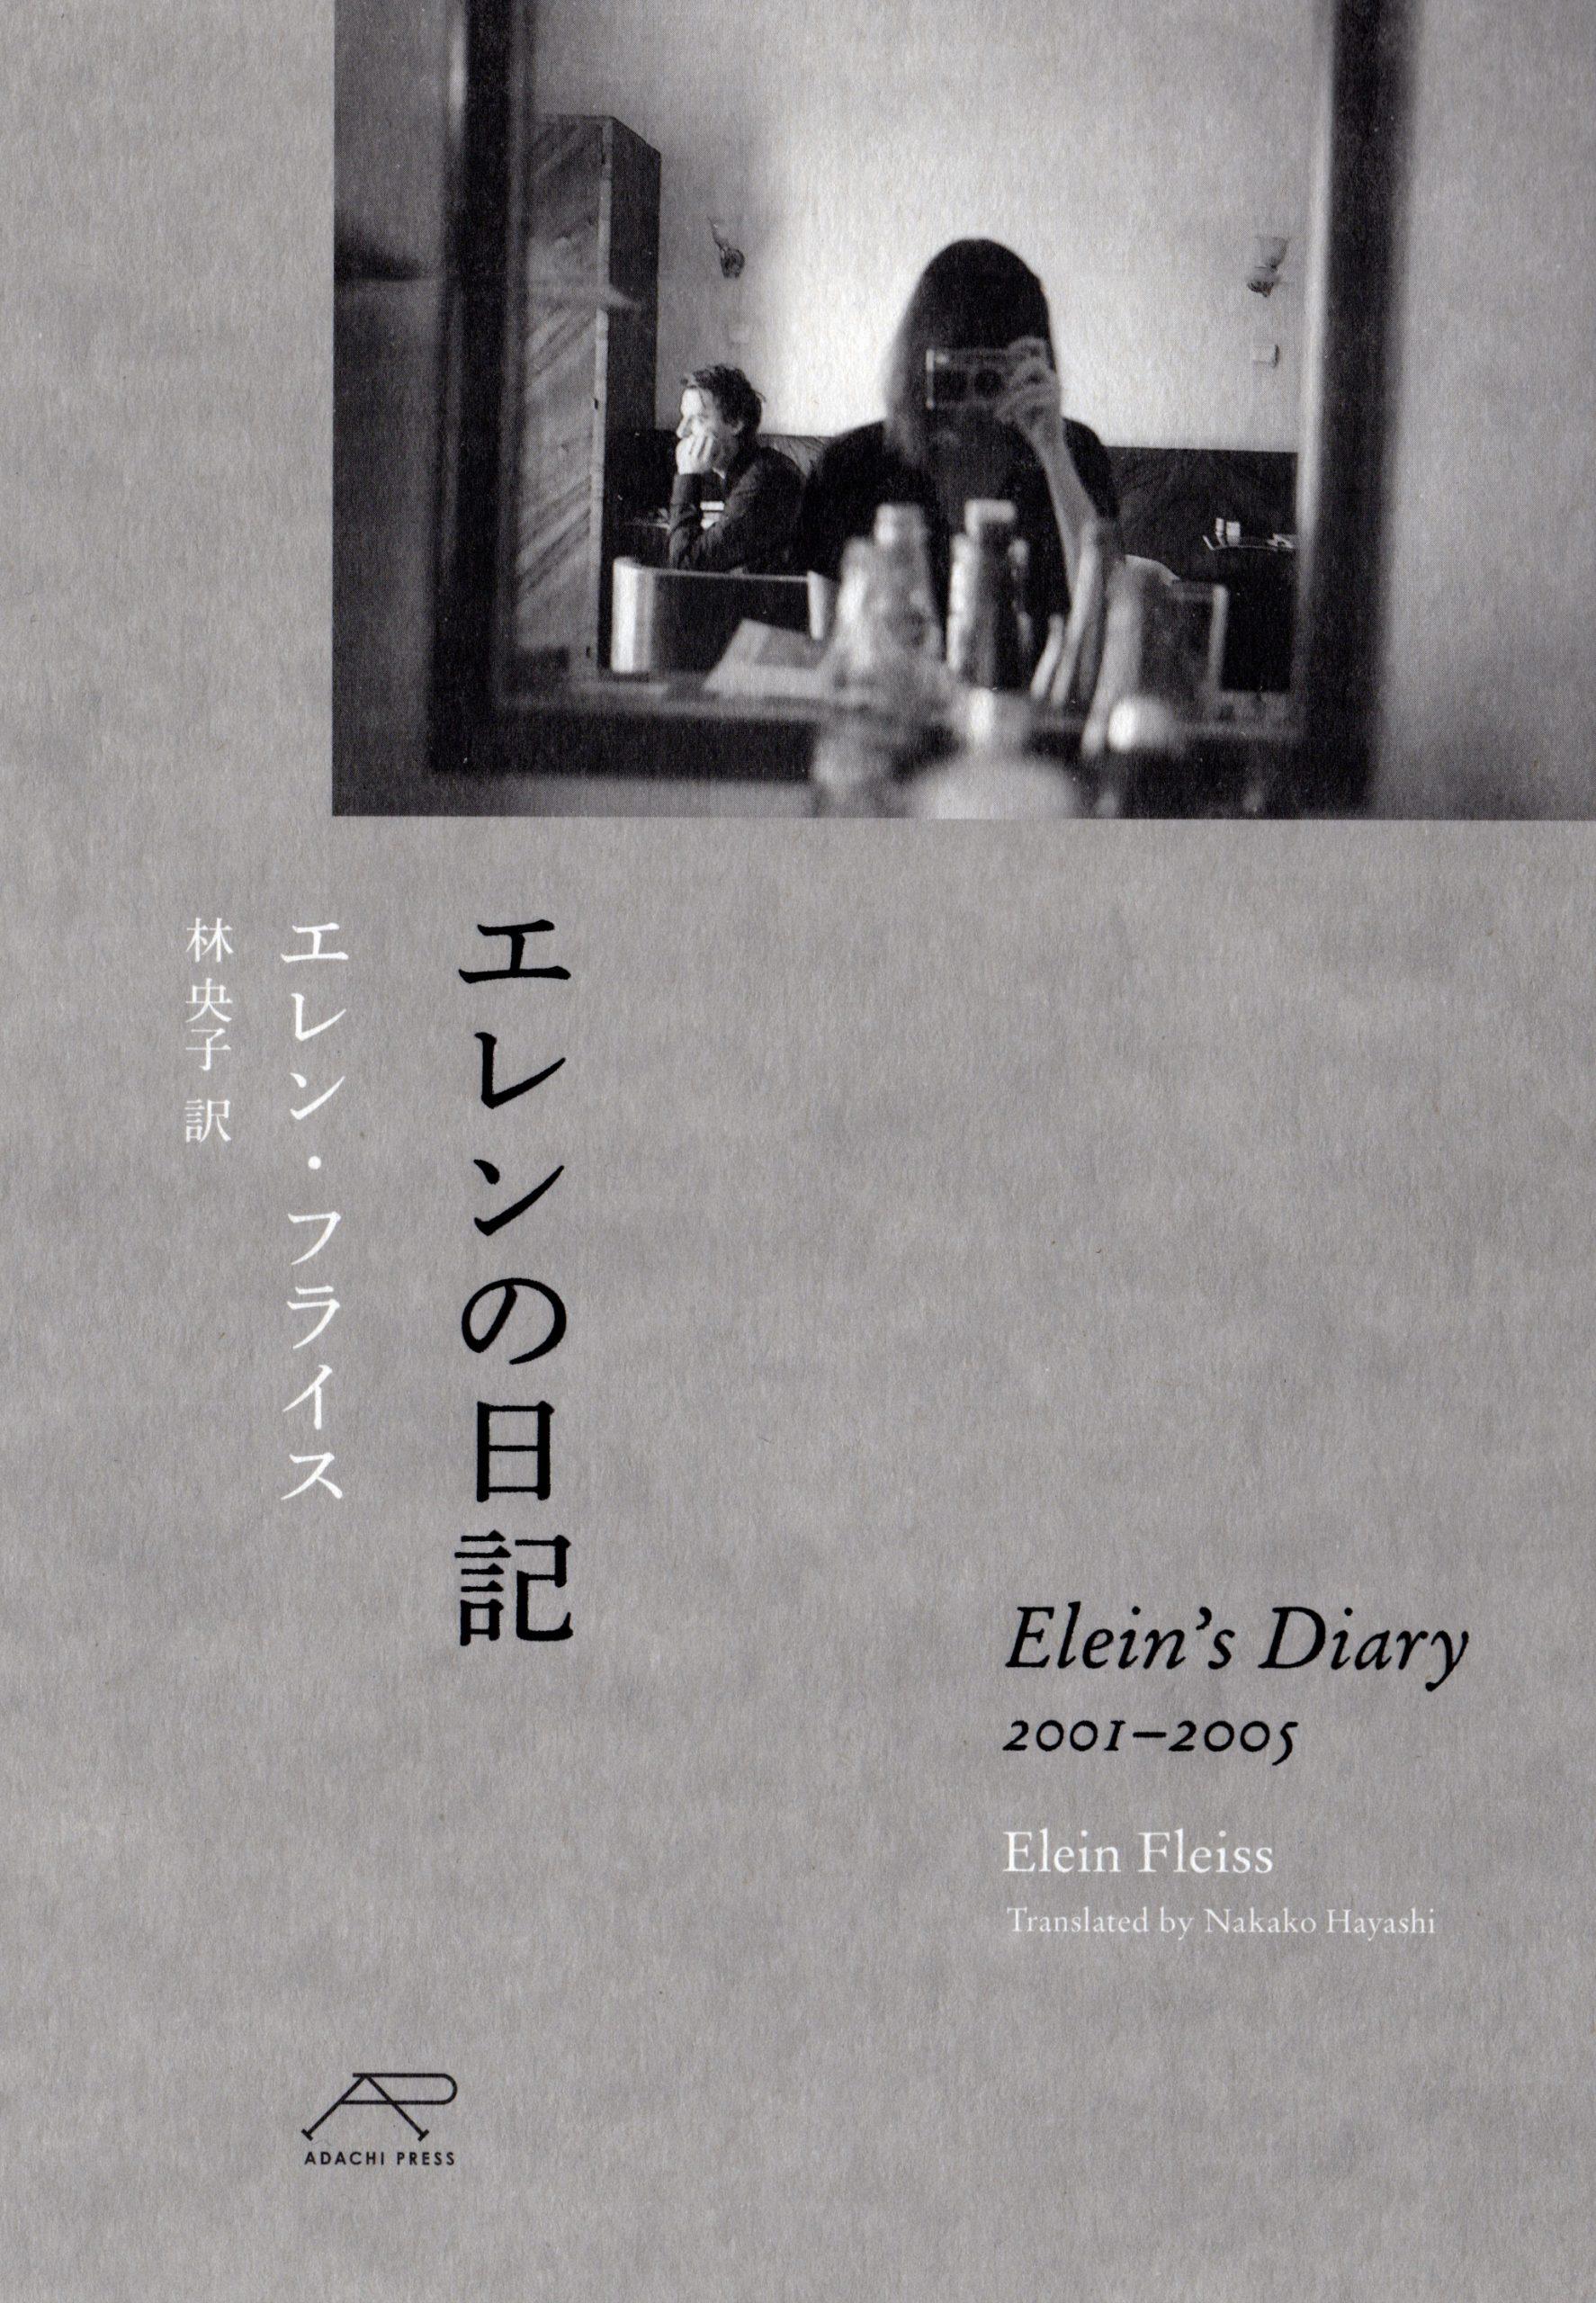 エレン・フライス『エレンの日記』